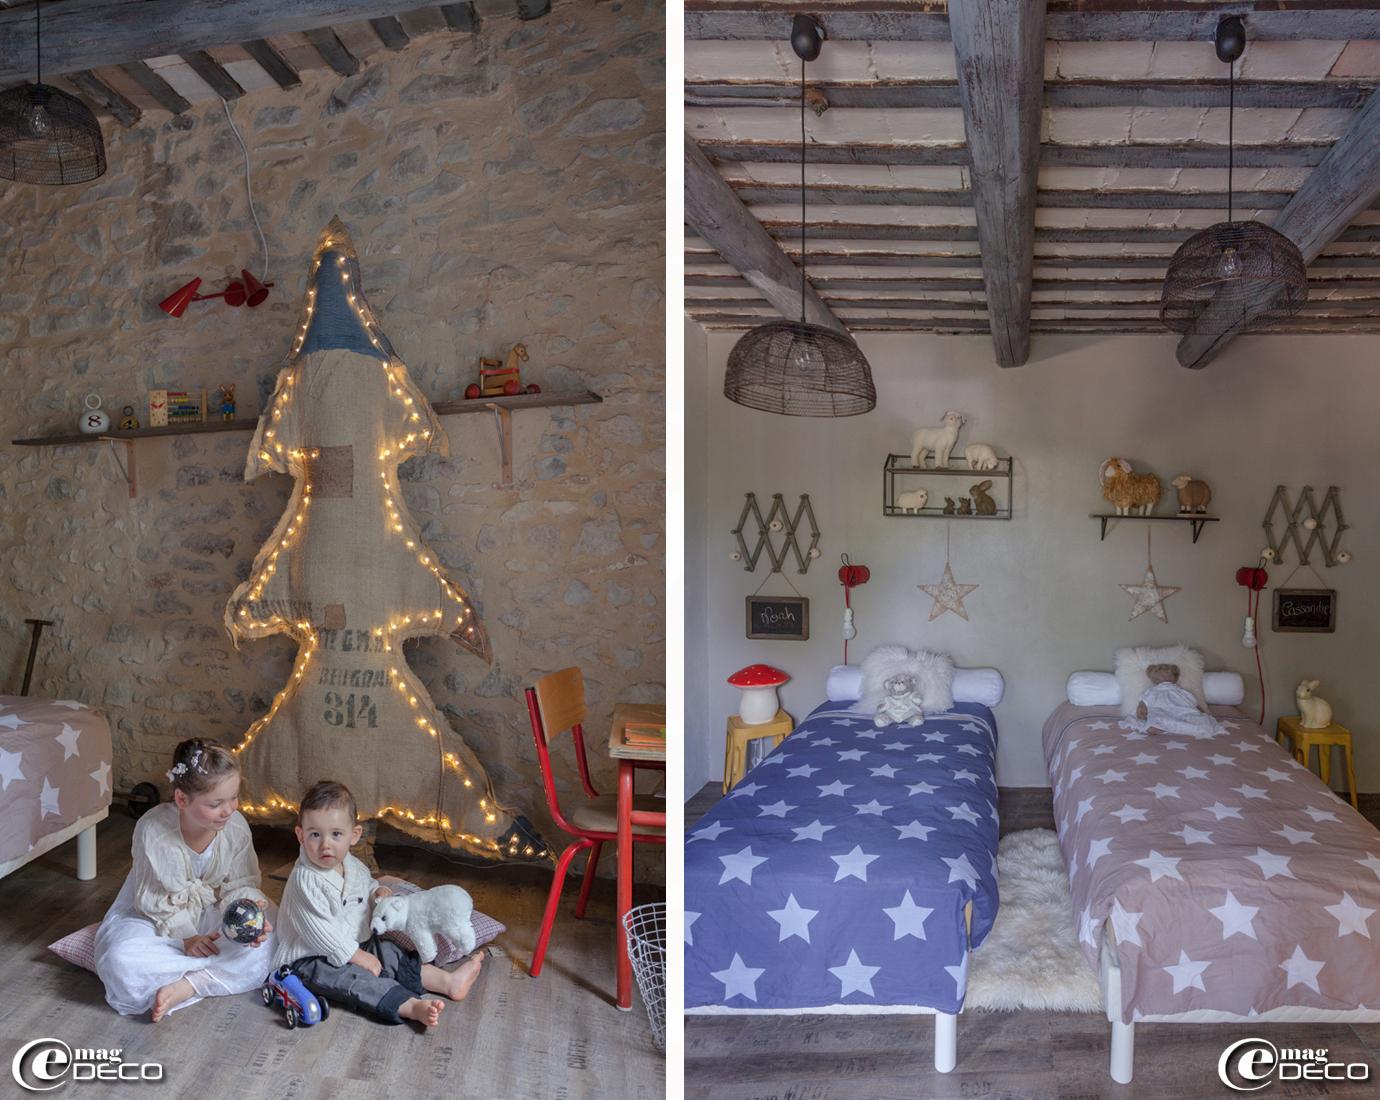 Suspensions en métal et étagères 'Alinéa', lampes veilleuses lapin et champignon 'Egmont Toys', tabourets jaunes en métal 'Maisons du Monde', peau de mouton 'Ikea'